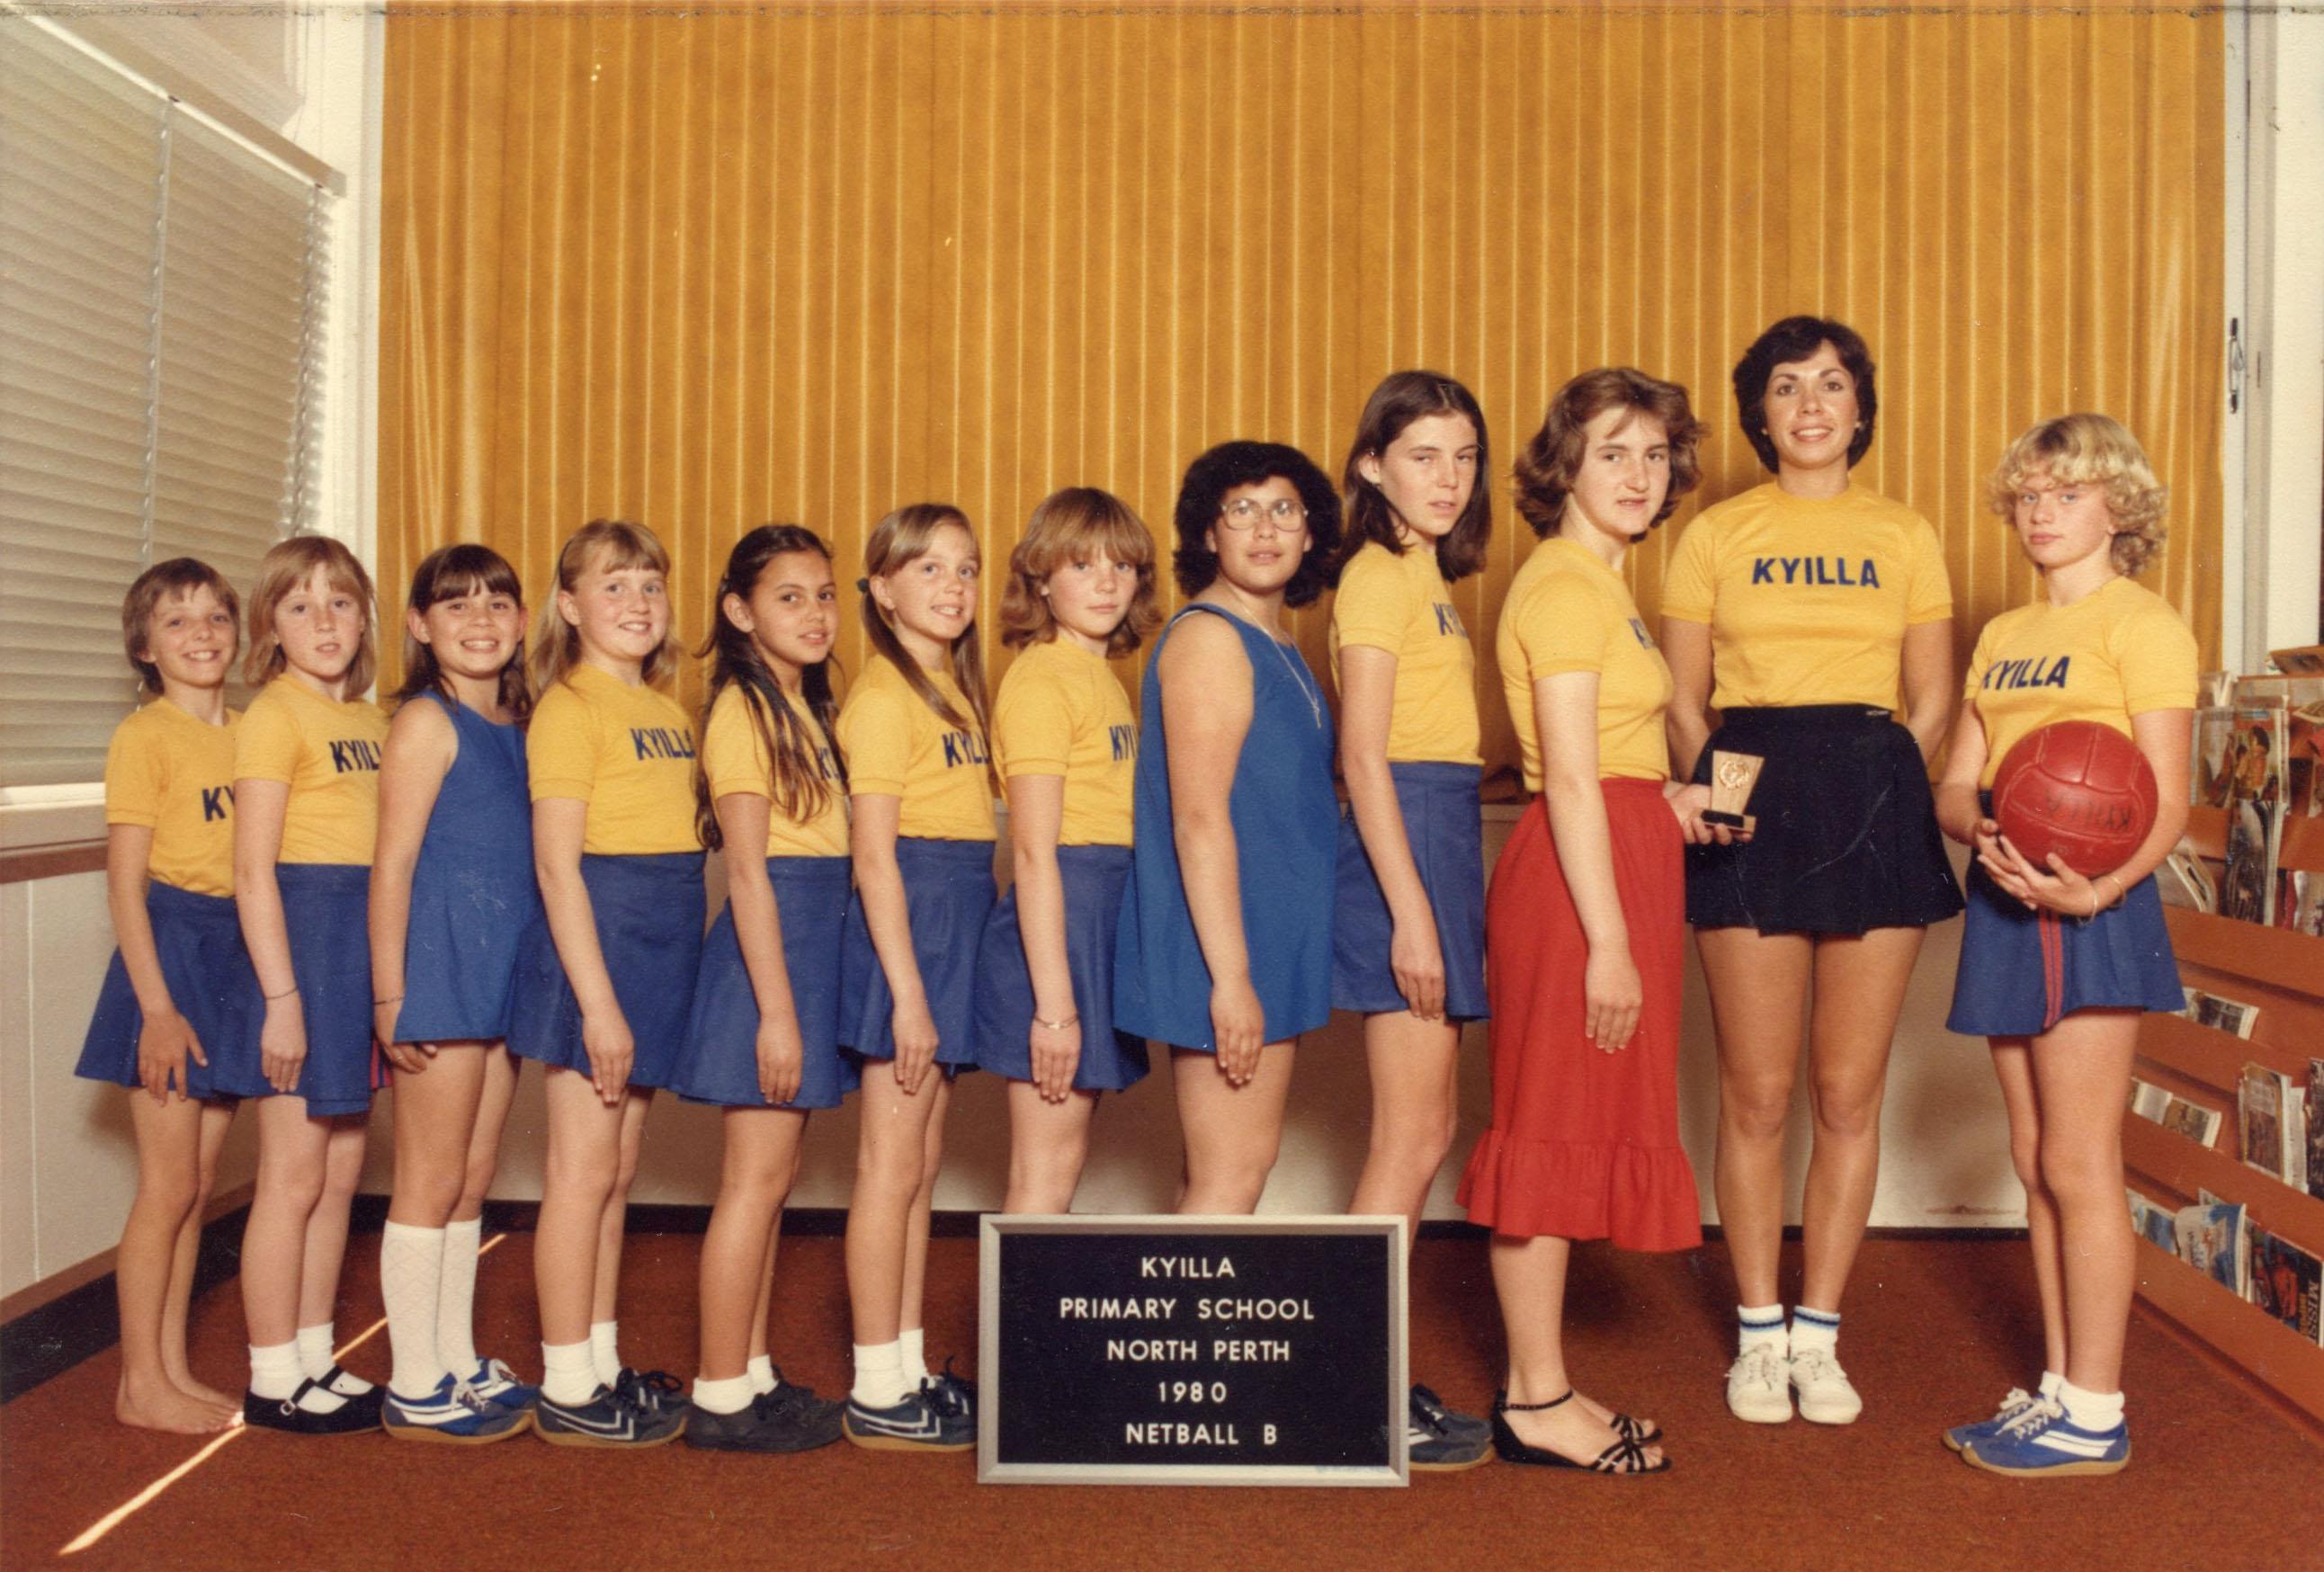 92. Kyilla netball team, 1980